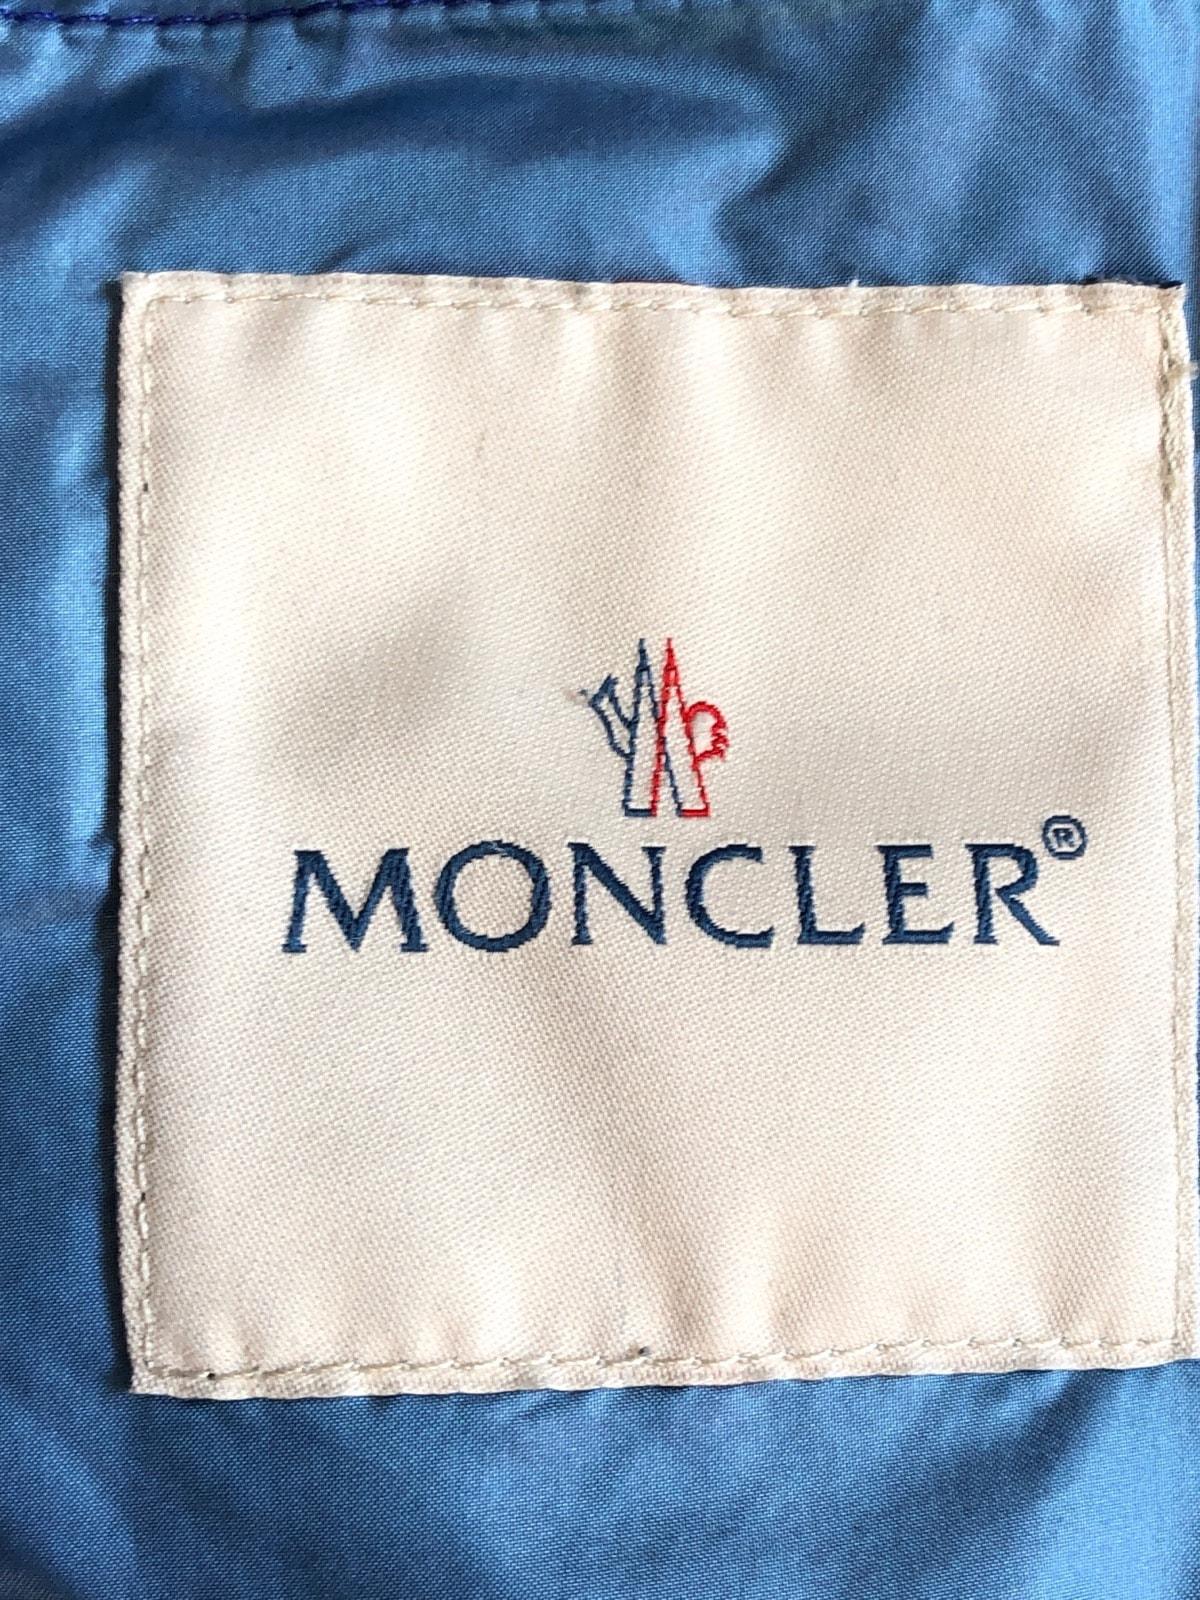 MONCLER(モンクレール)のブルゾン